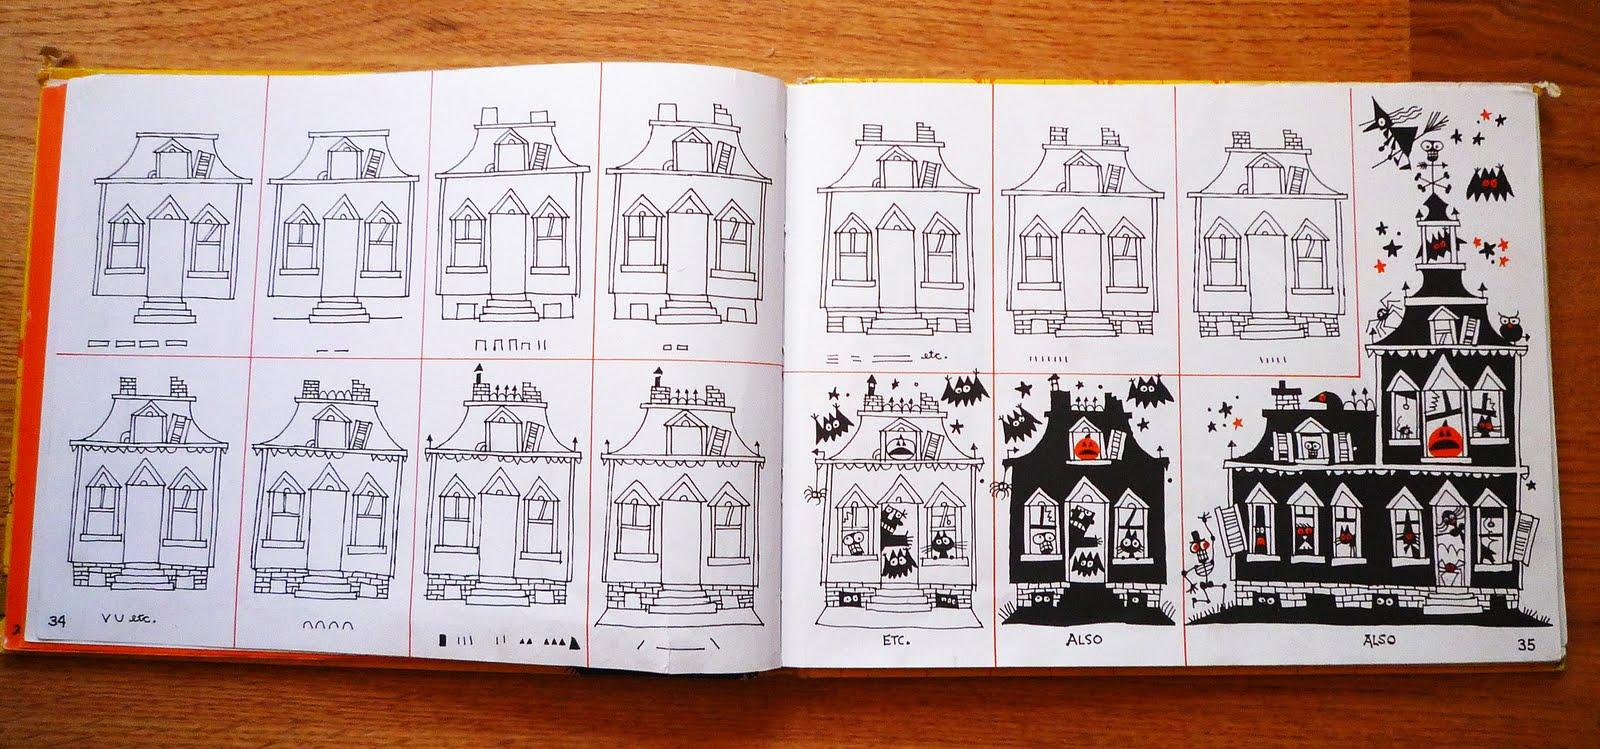 Design Gossip  On My Bookshelf  Ed Emberley U0026 39 S Big Orange